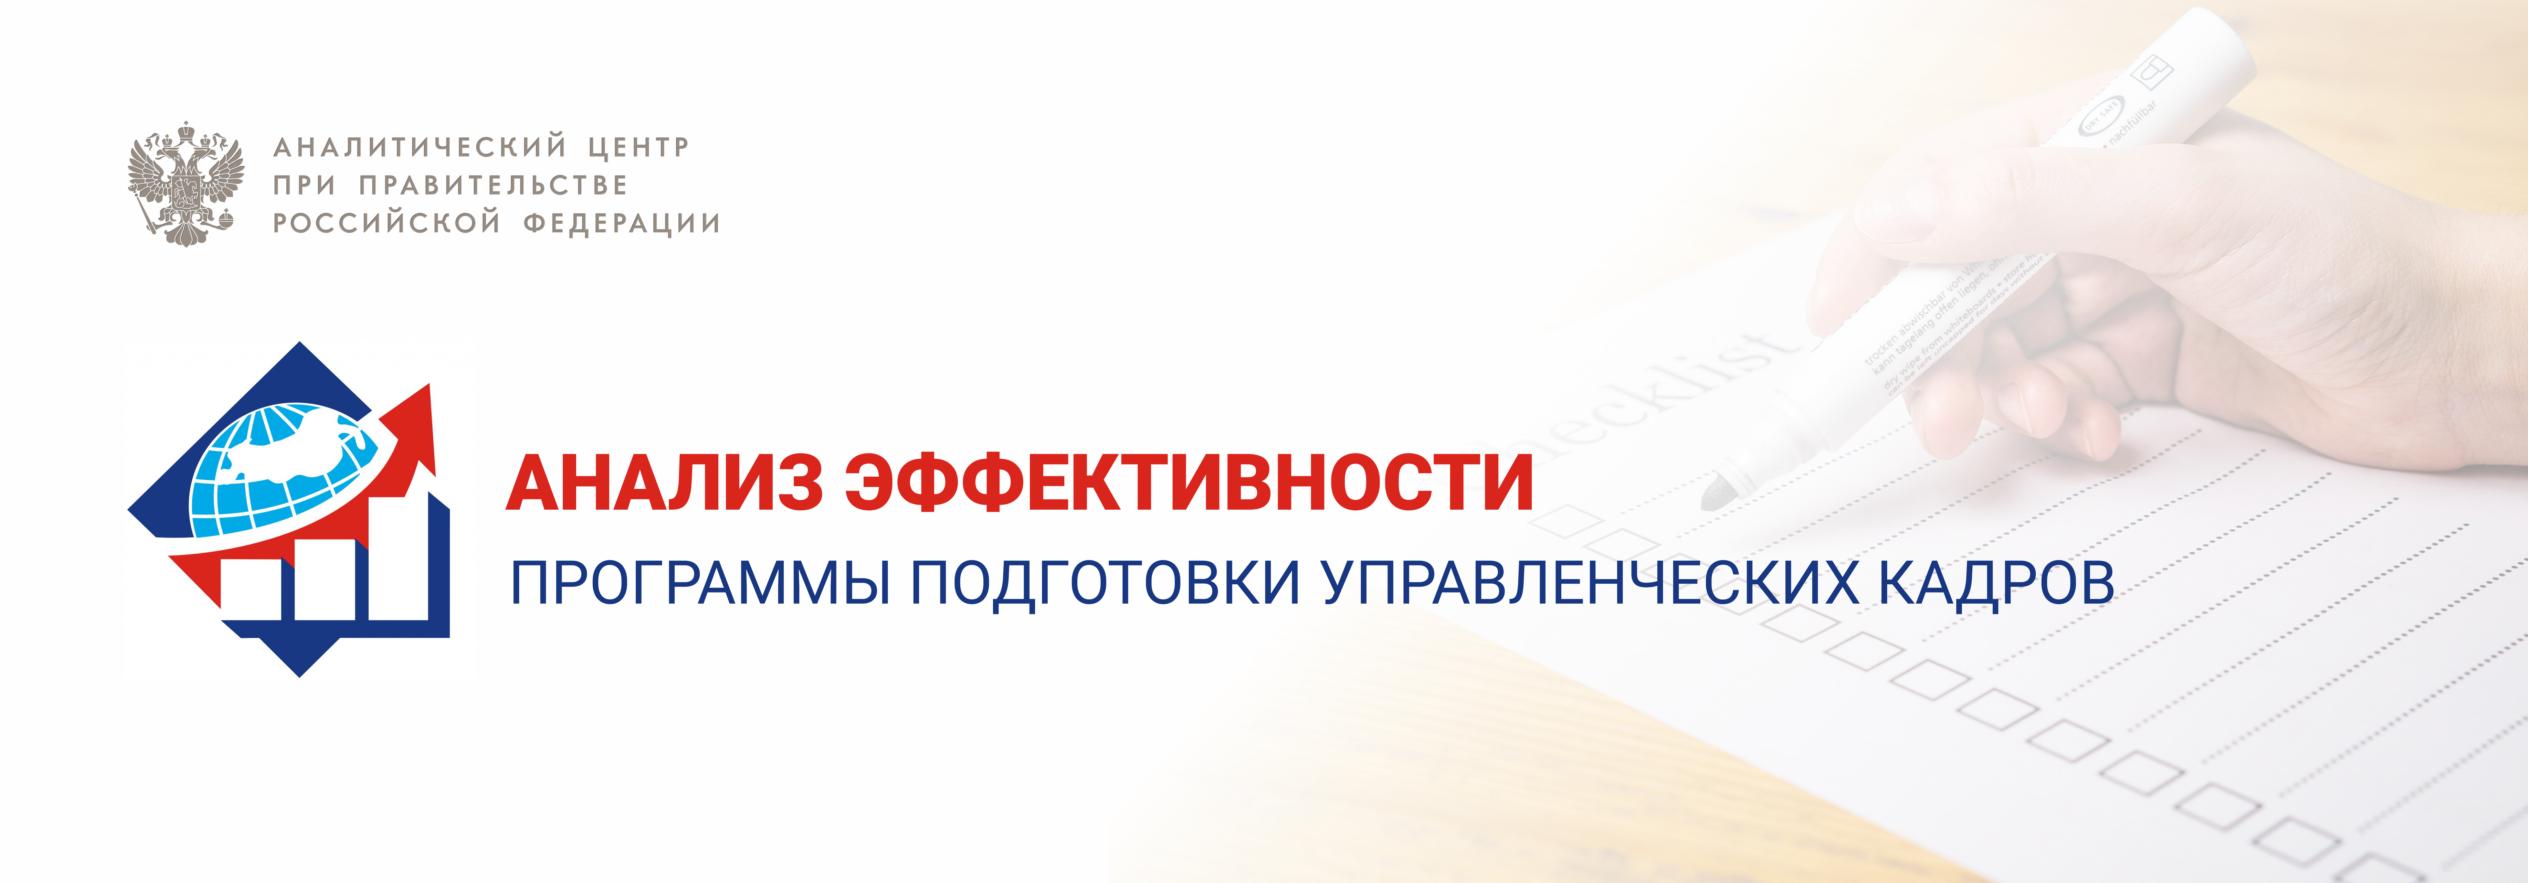 Анализ эффективности Программы подготовки управленческих кадров для организаций народного хозяйства Российской Федерации